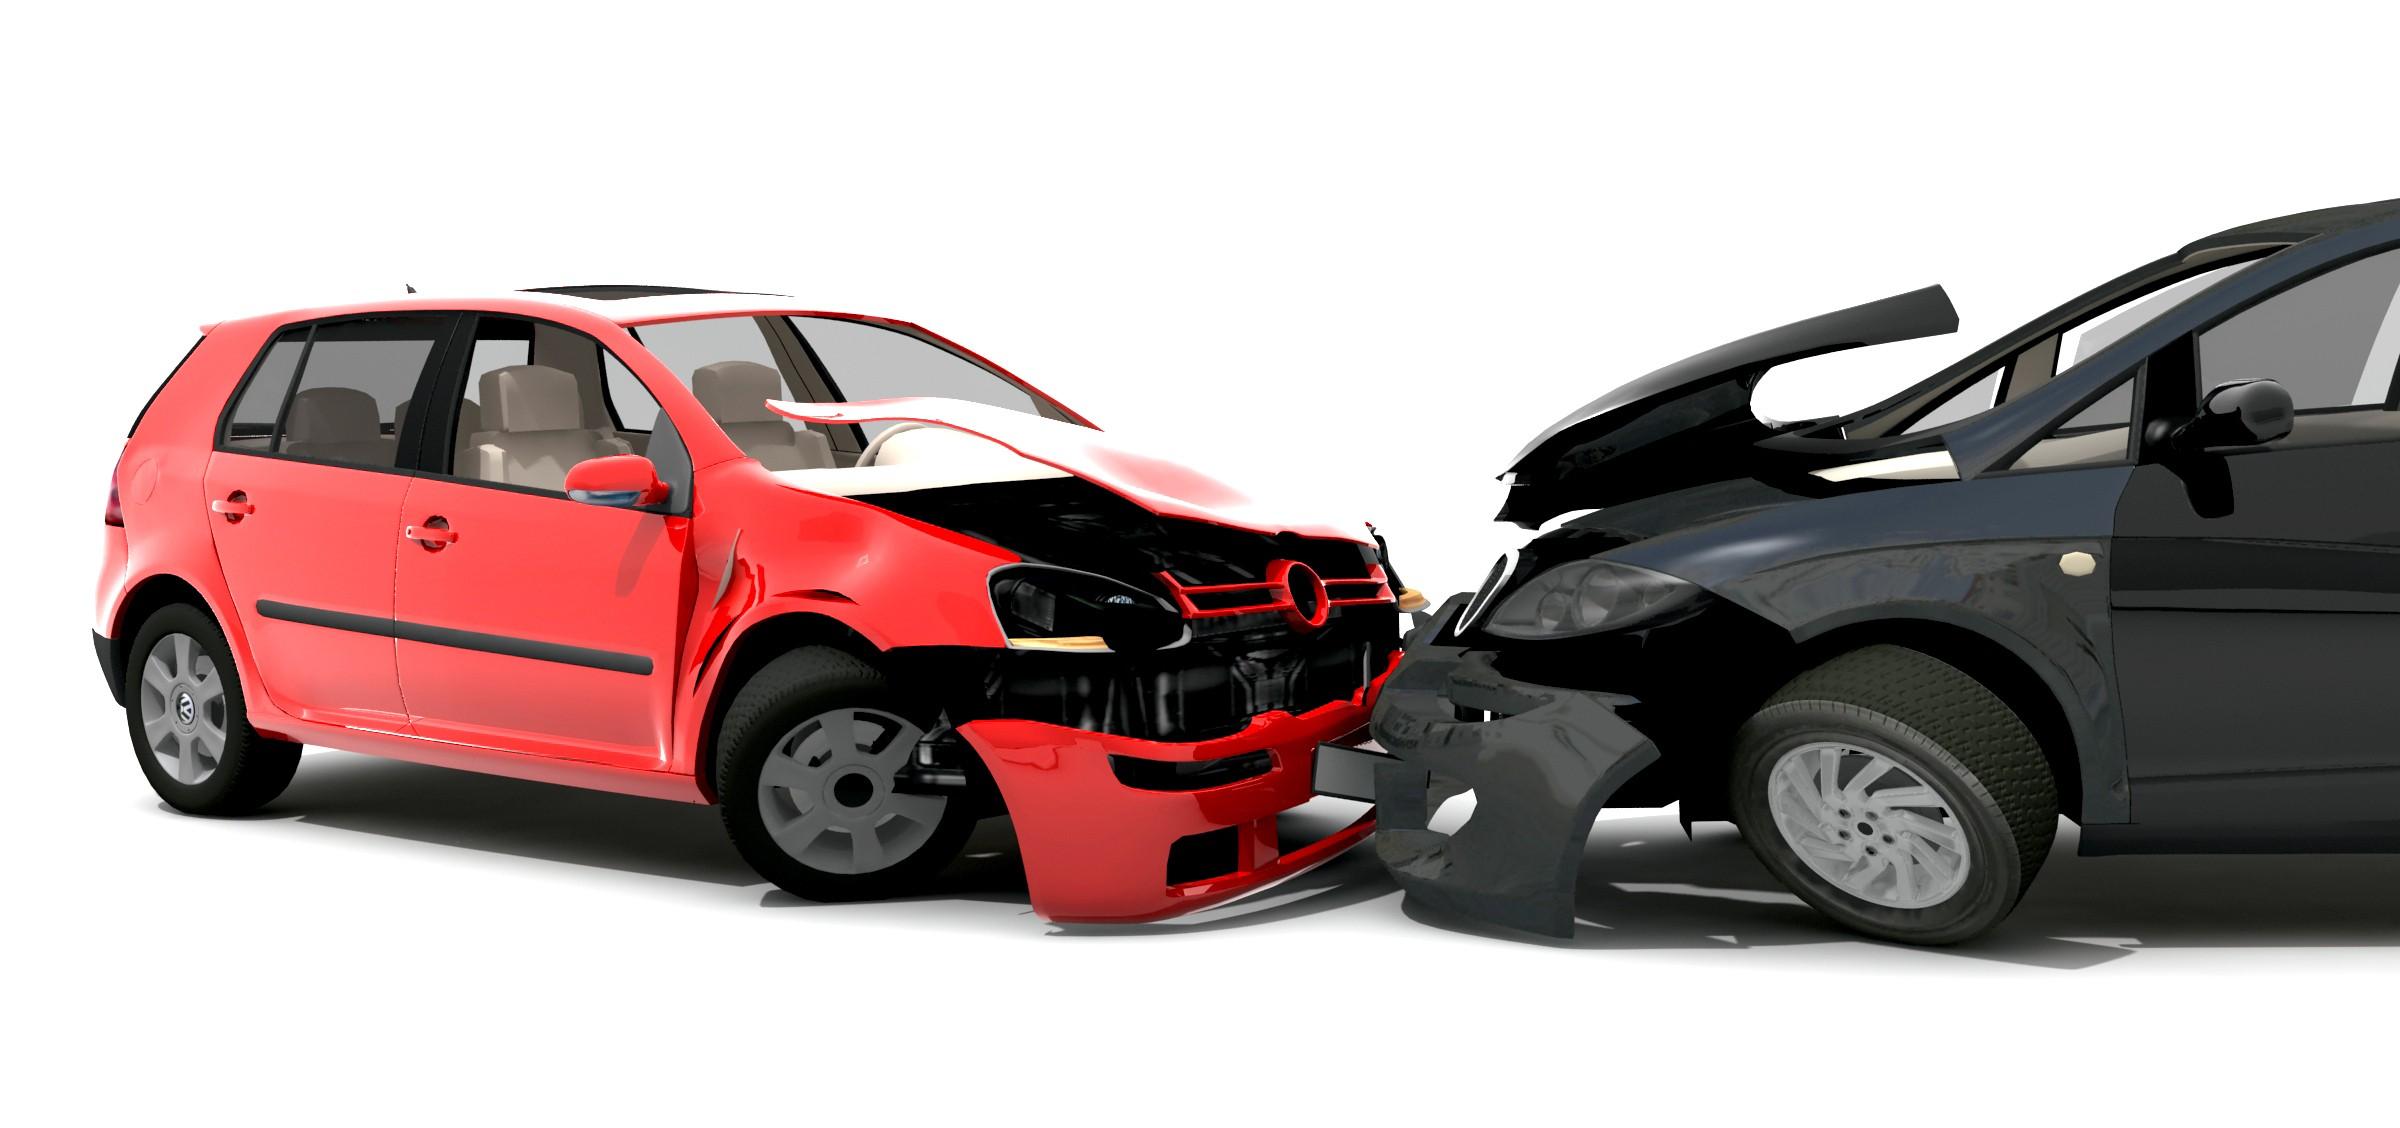 Assicurazioni: cosa fare in caso di incidente con auto non assicurate